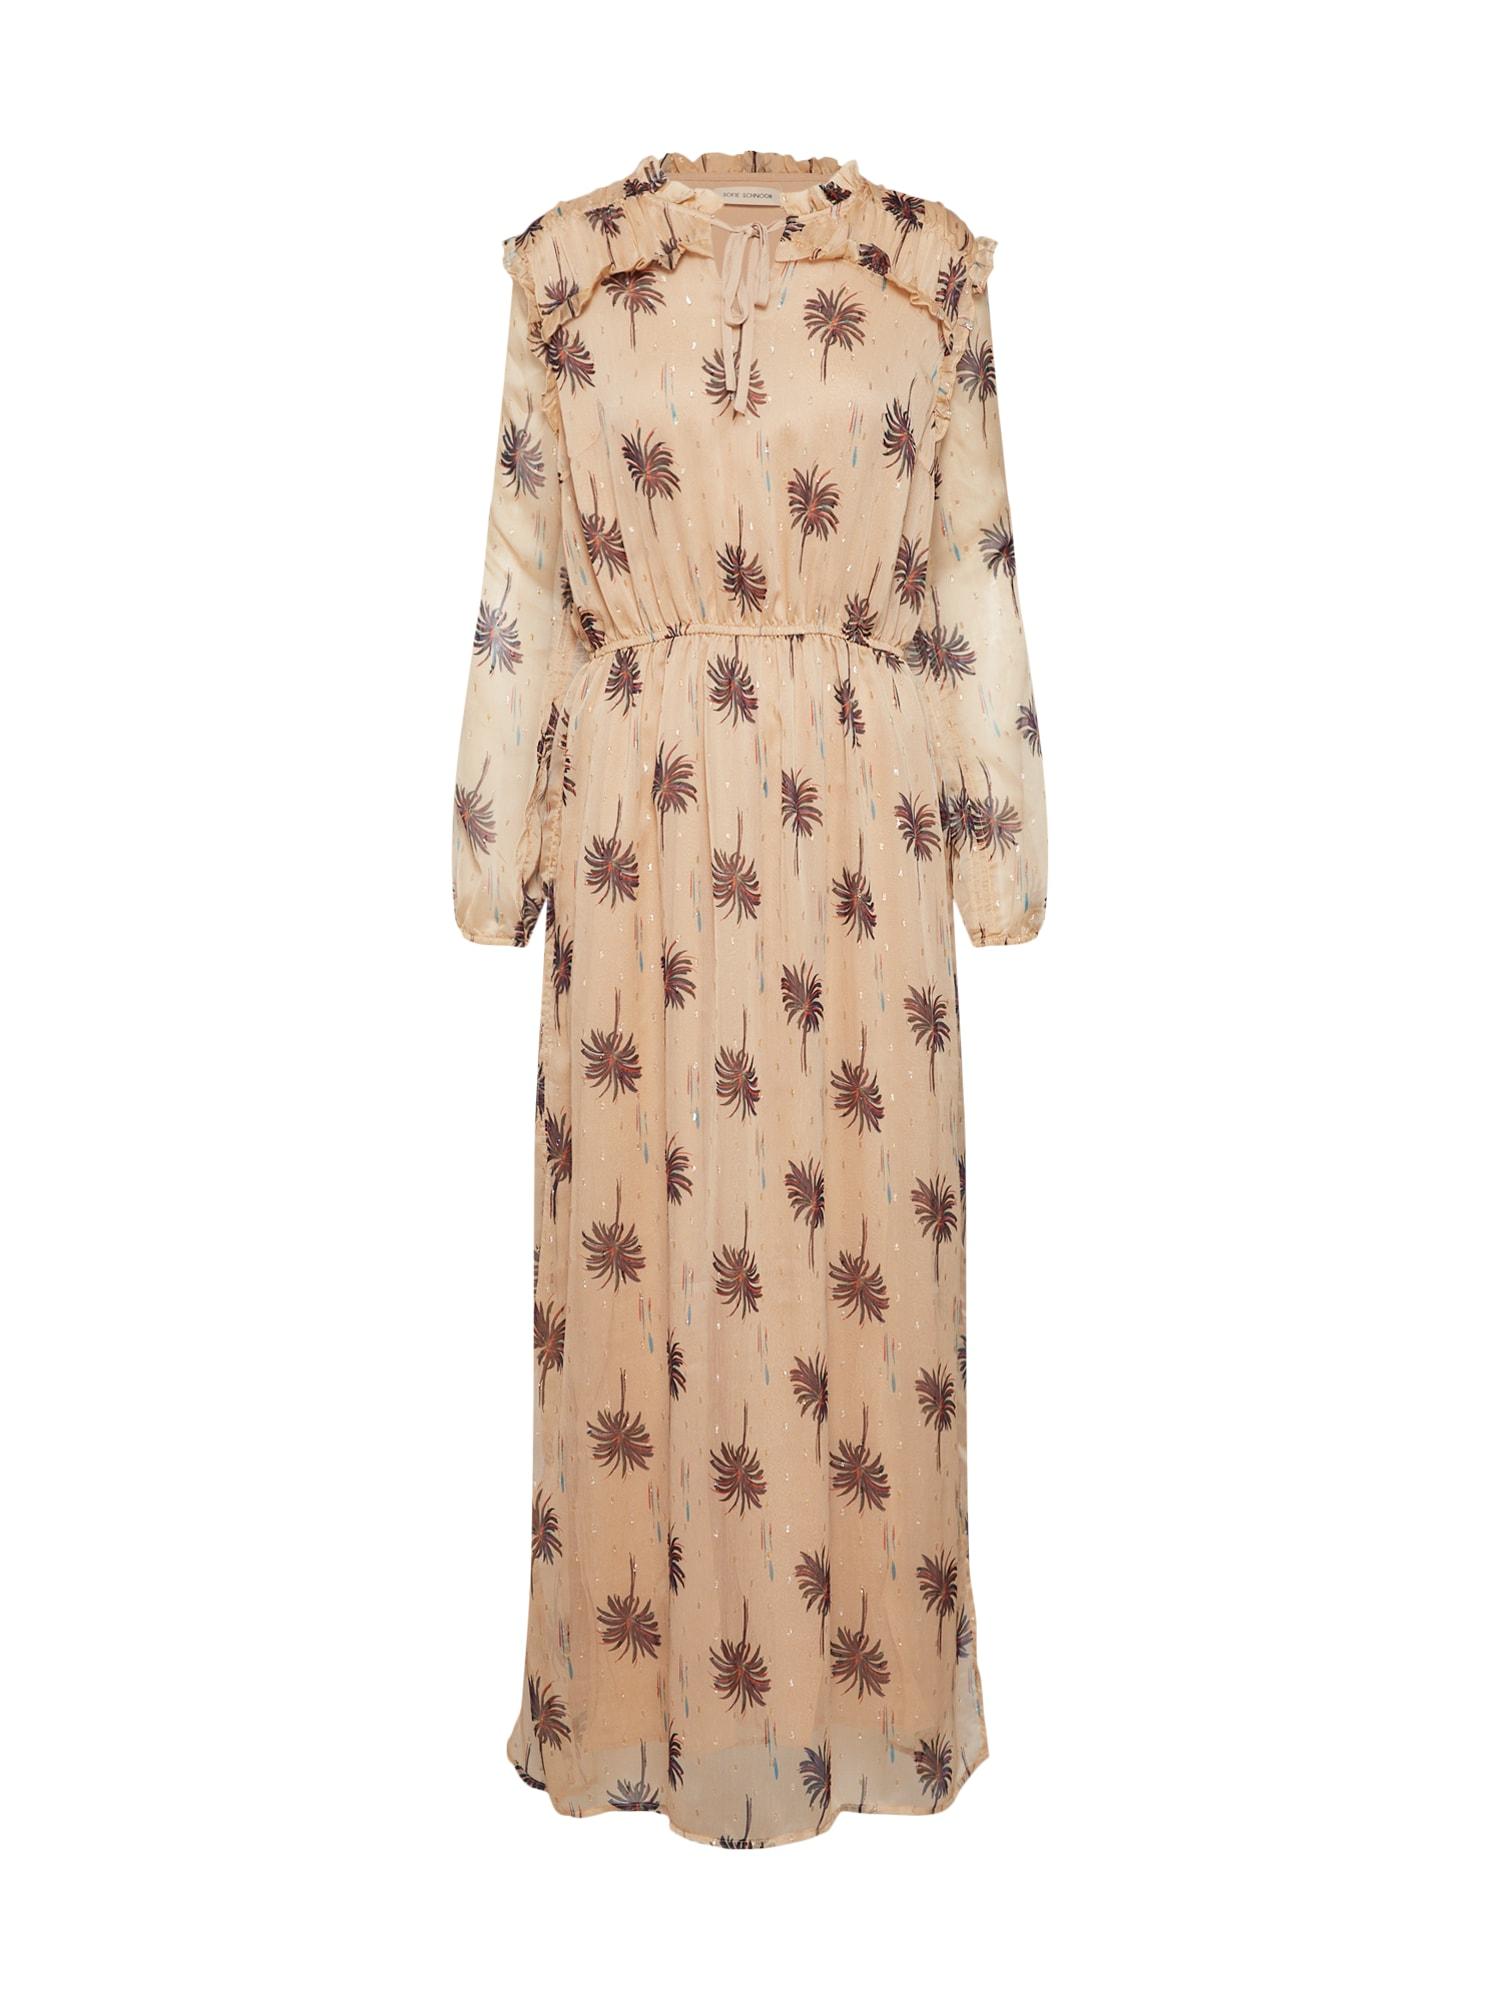 Letní šaty S191228 béžová mix barev Sofie Schnoor